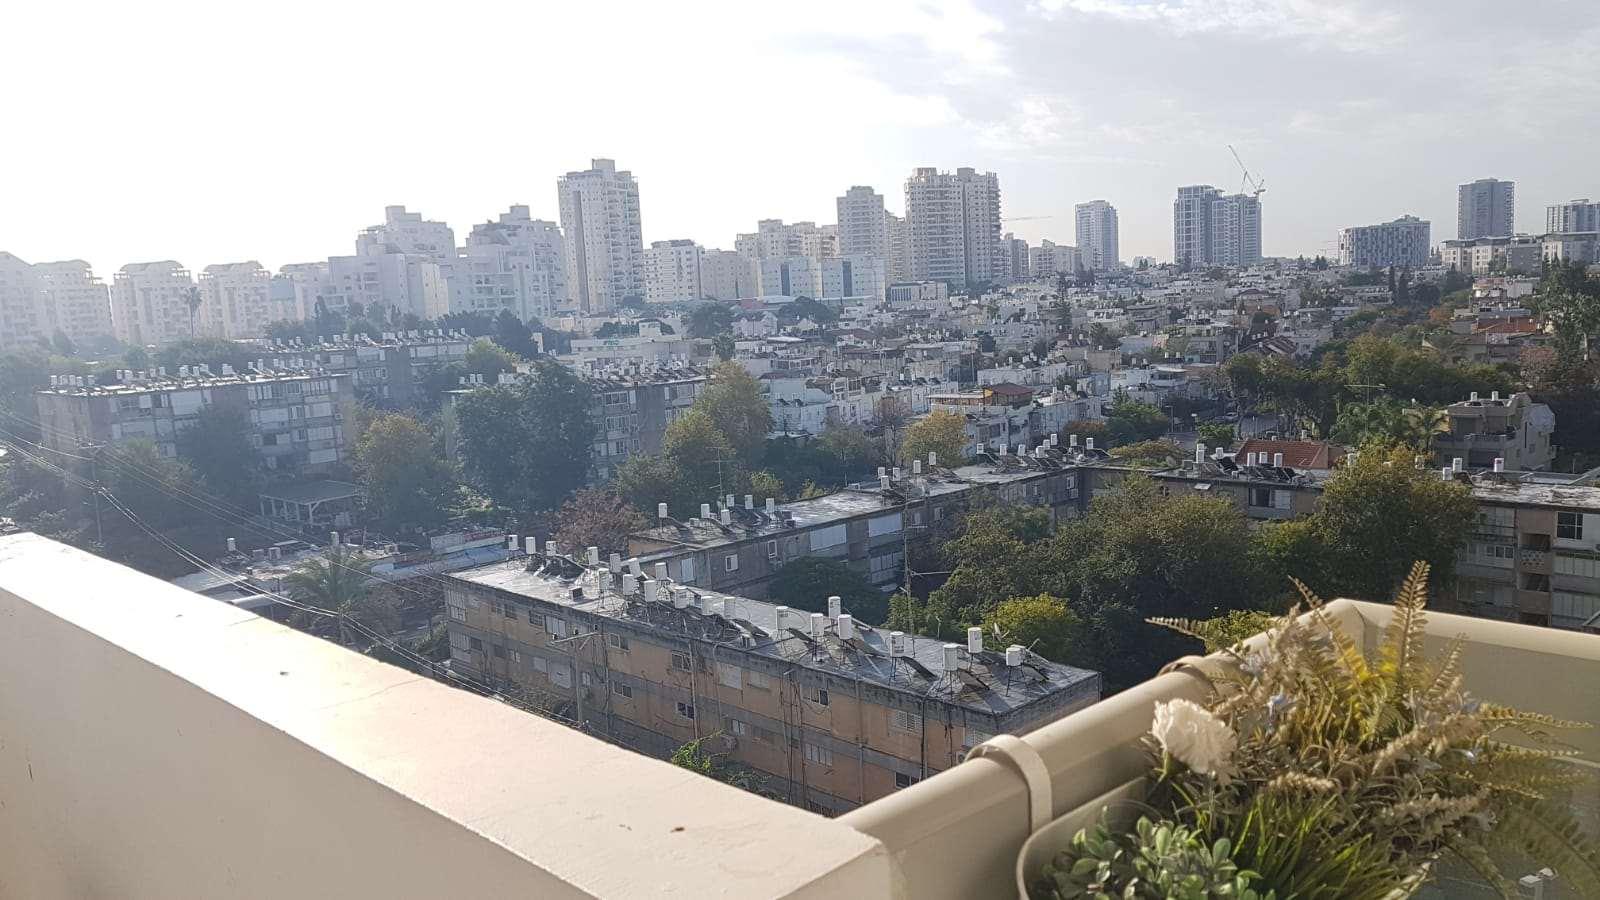 דירה למכירה 4.5 חדרים בגבעת שמואל הנשיא